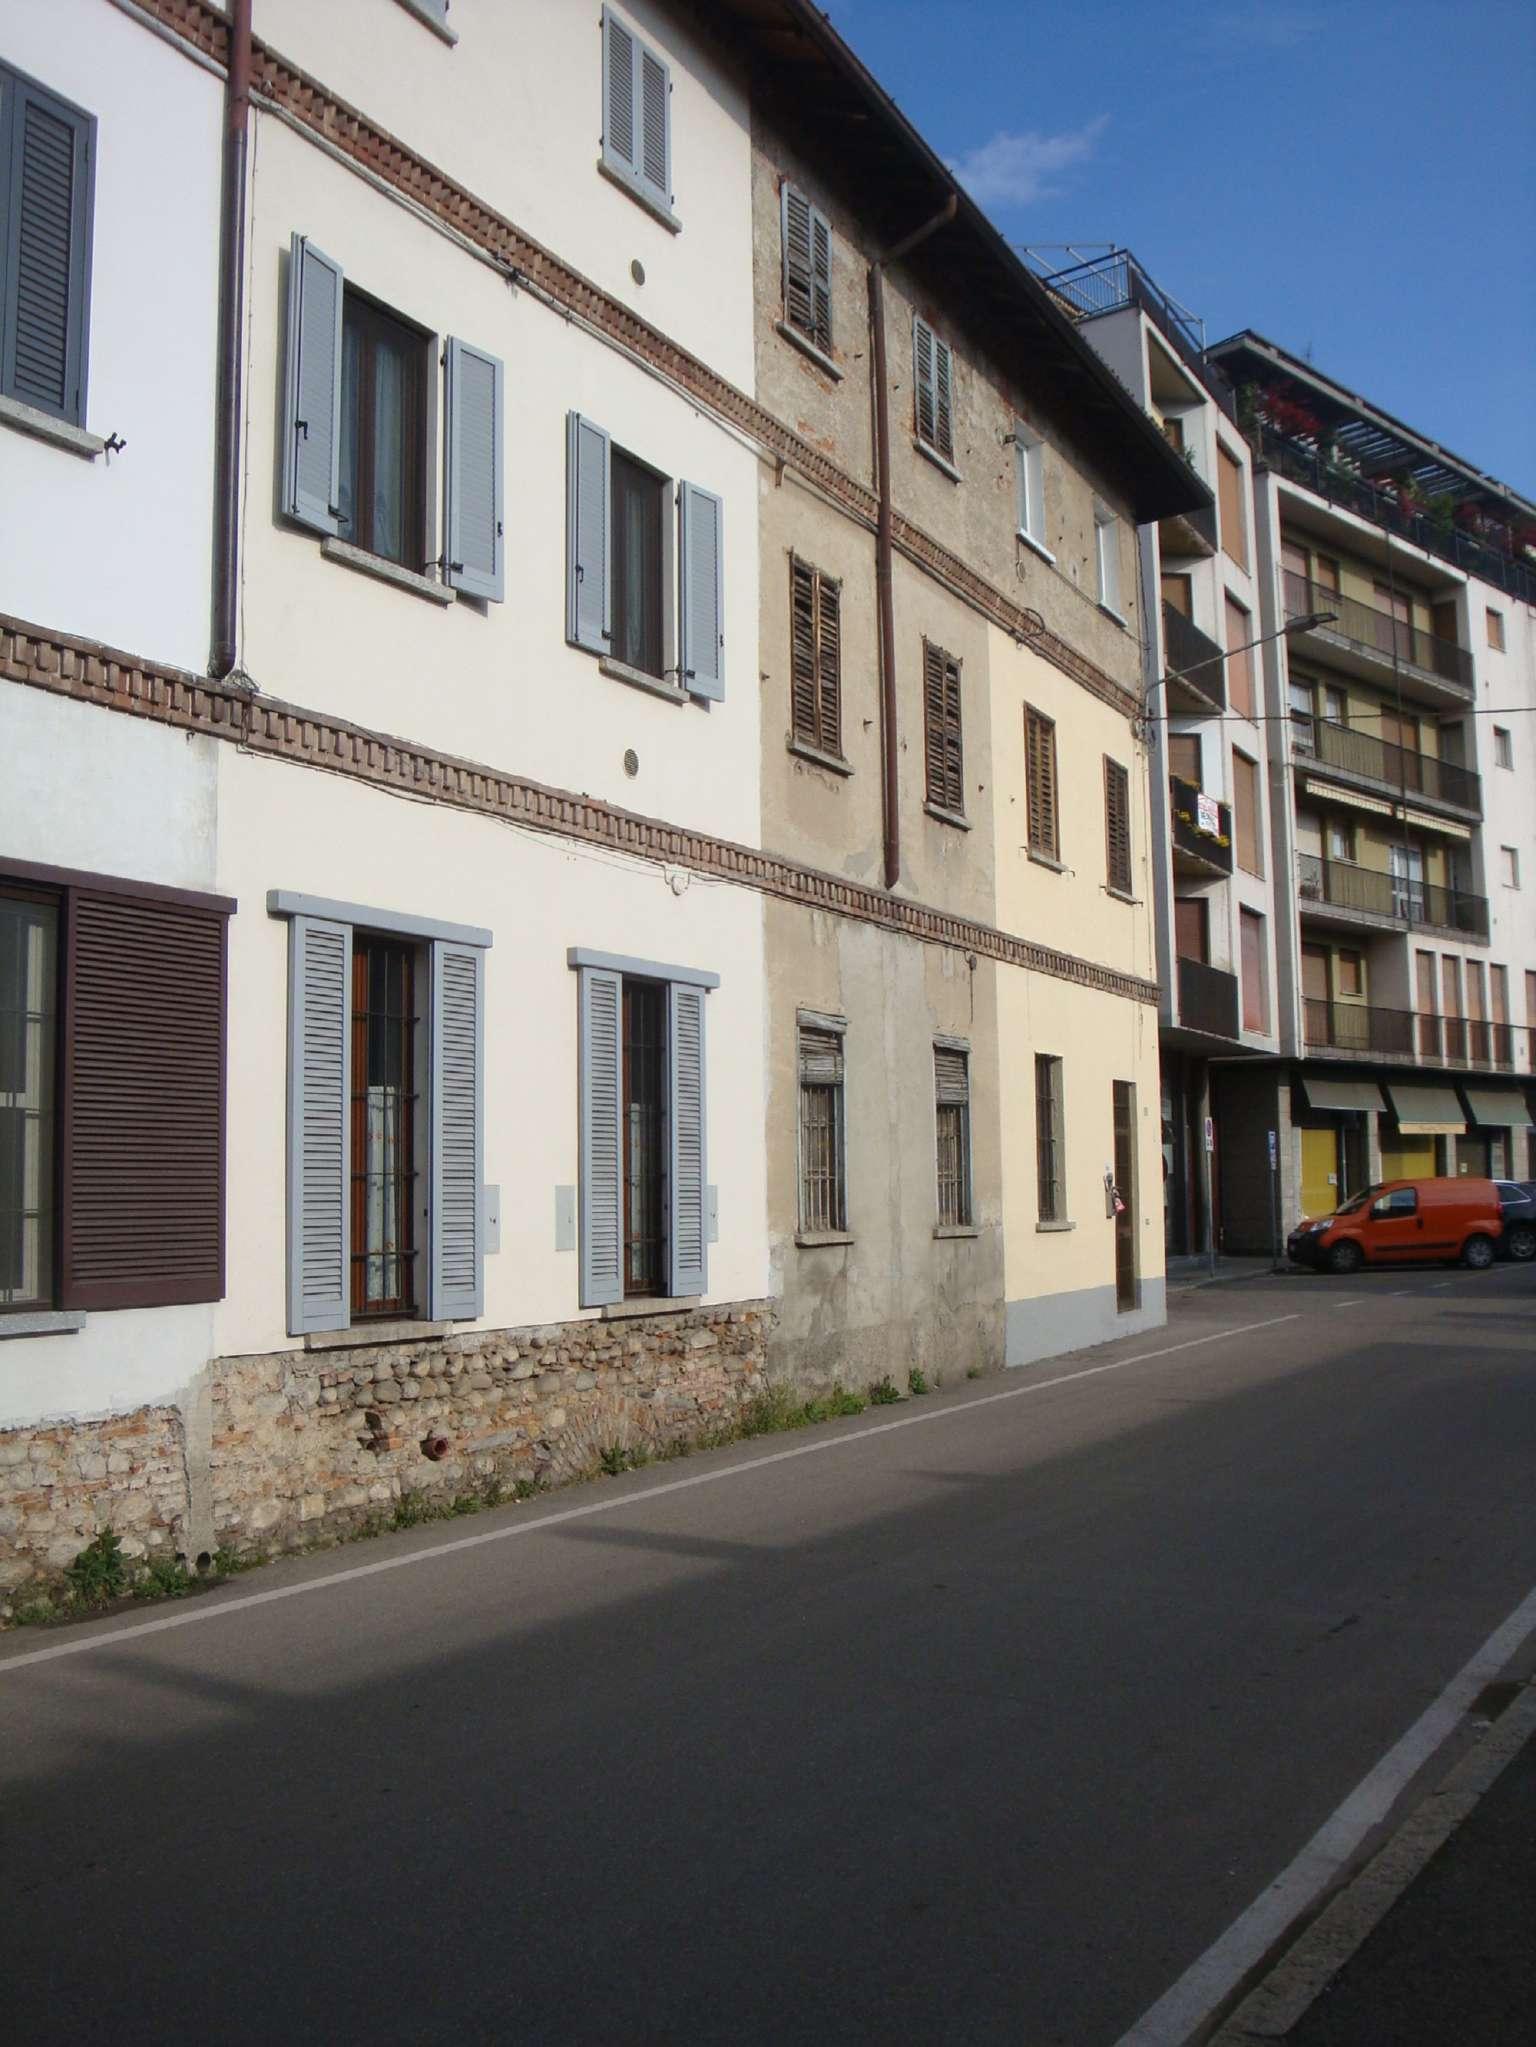 Rustico / Casale in vendita a Mariano Comense, 9999 locali, prezzo € 75.000 | CambioCasa.it